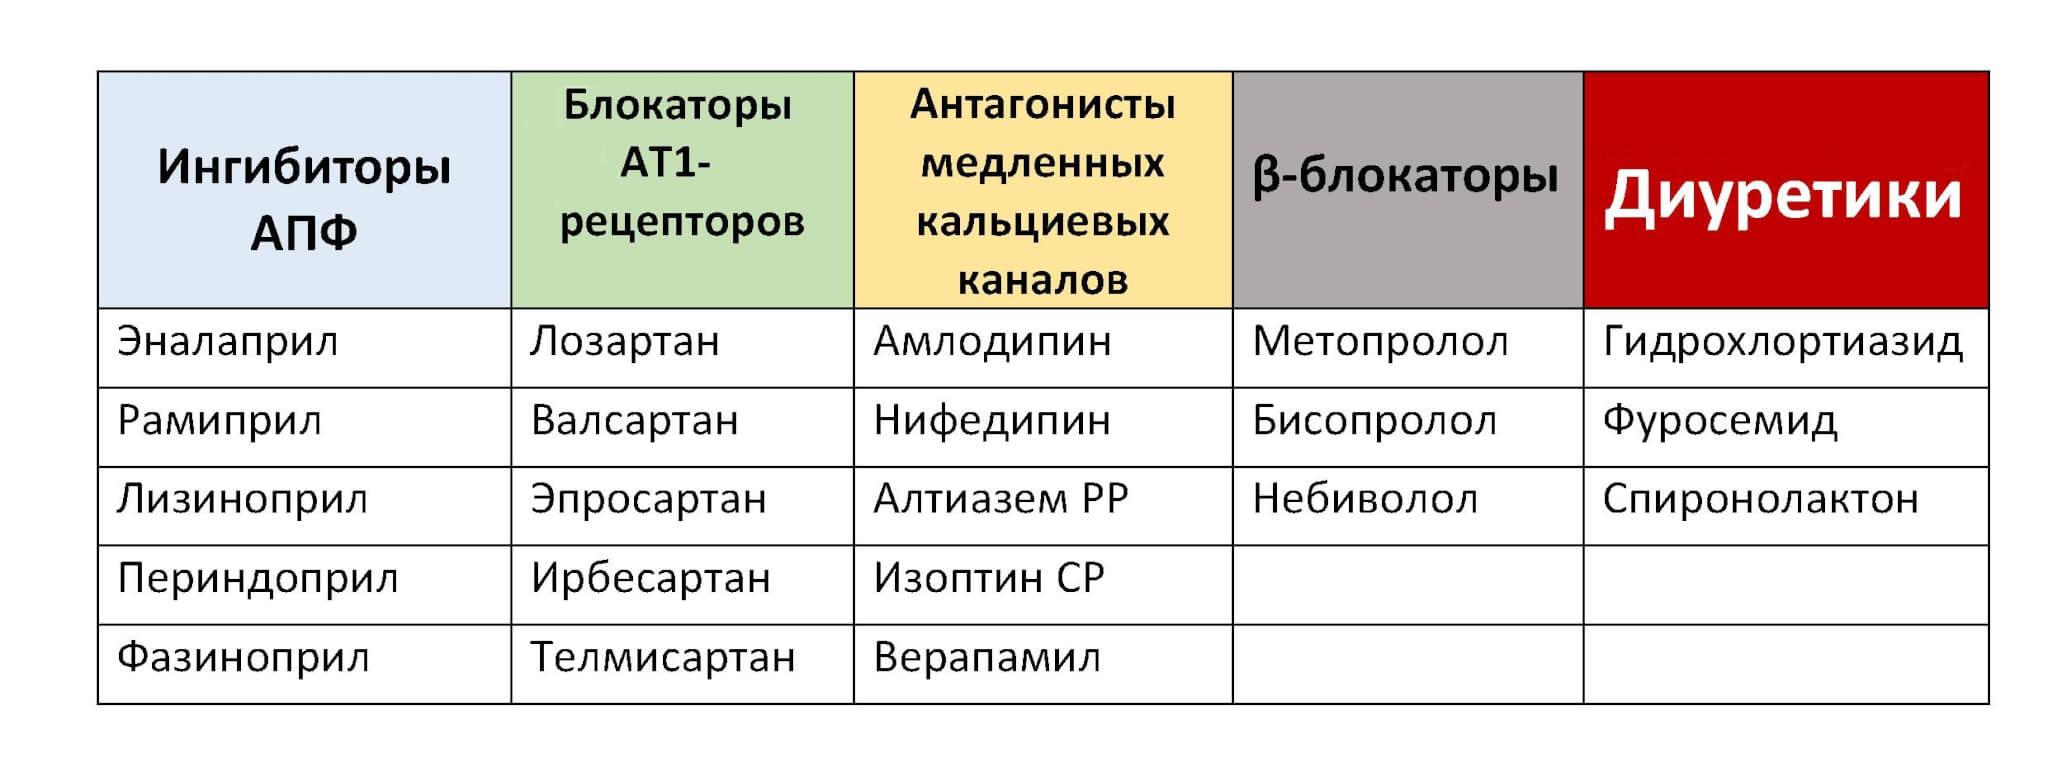 hipertenzija 2 šaukštai vaistų)